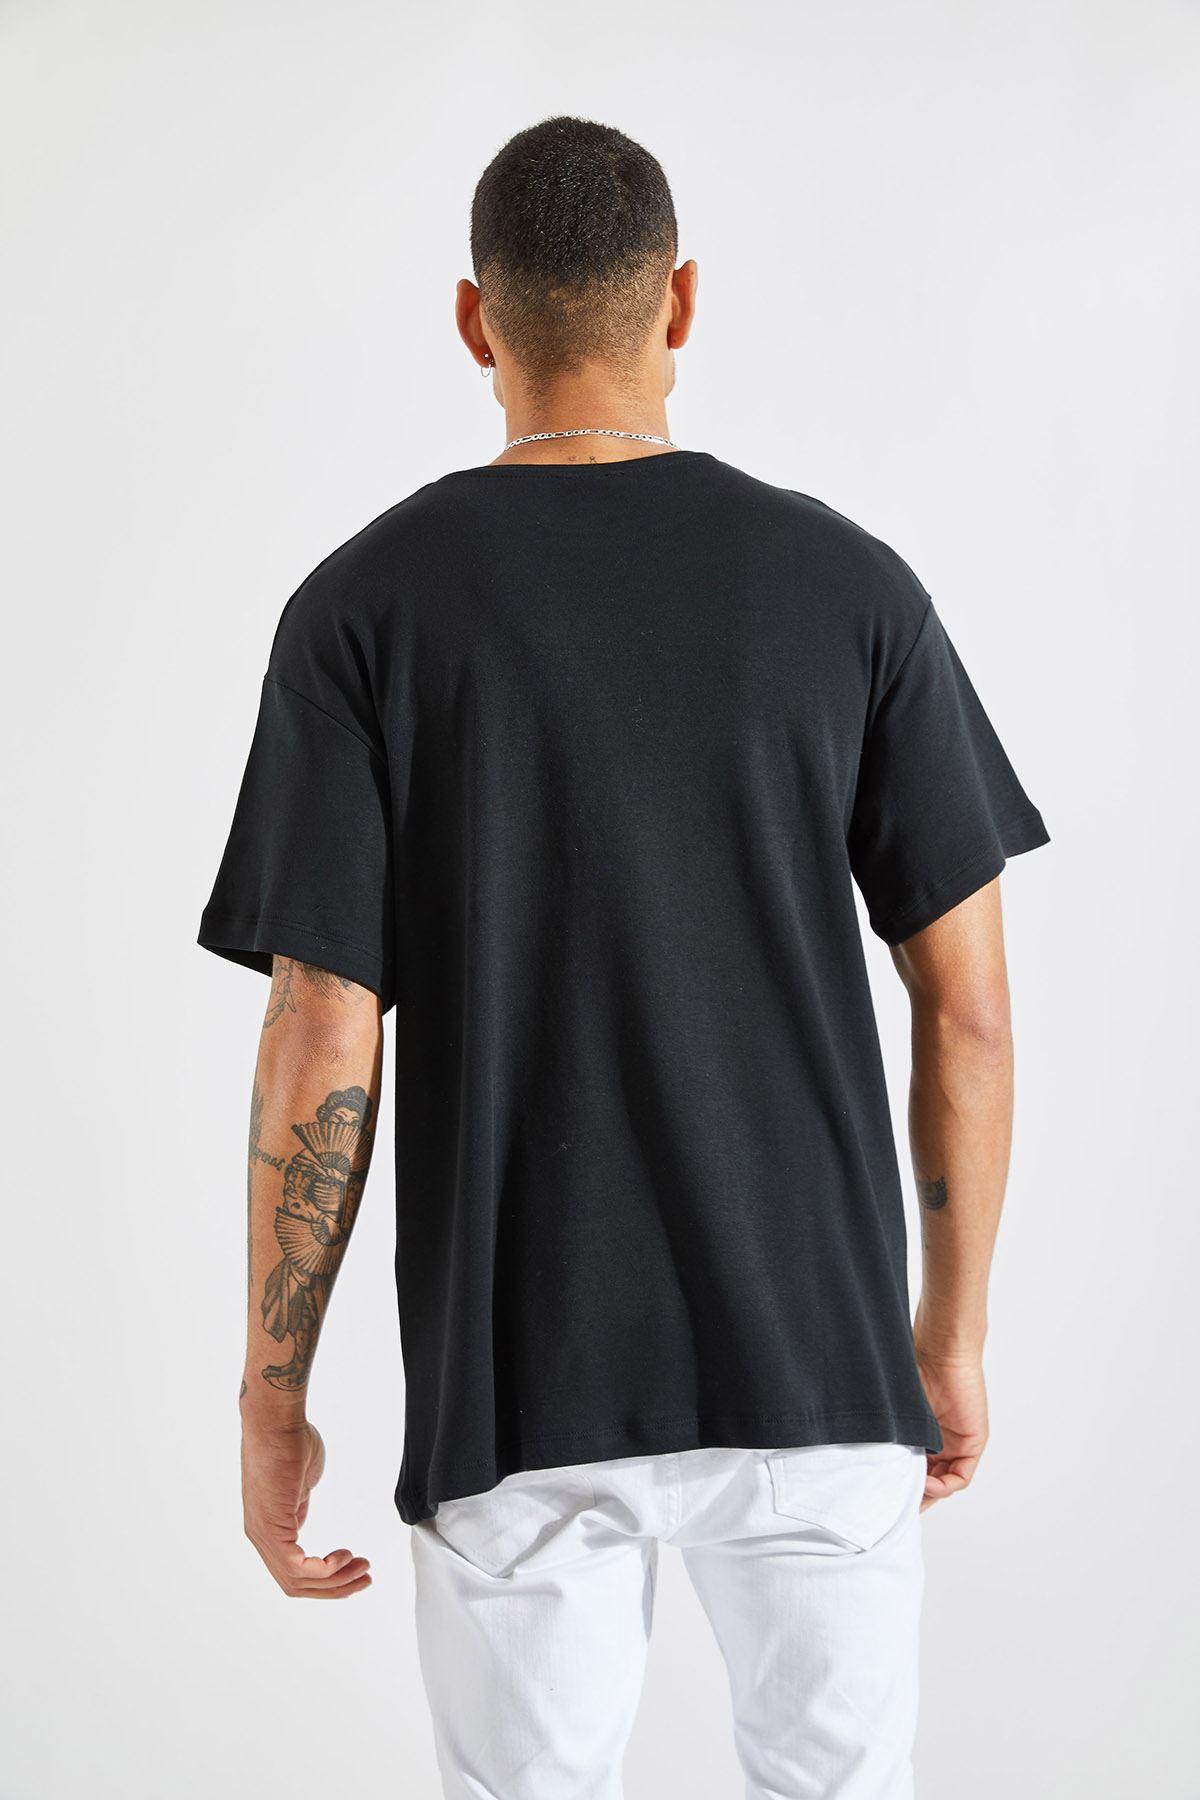 Erkek Favrd Baskılı Oversize Siyah Tişört